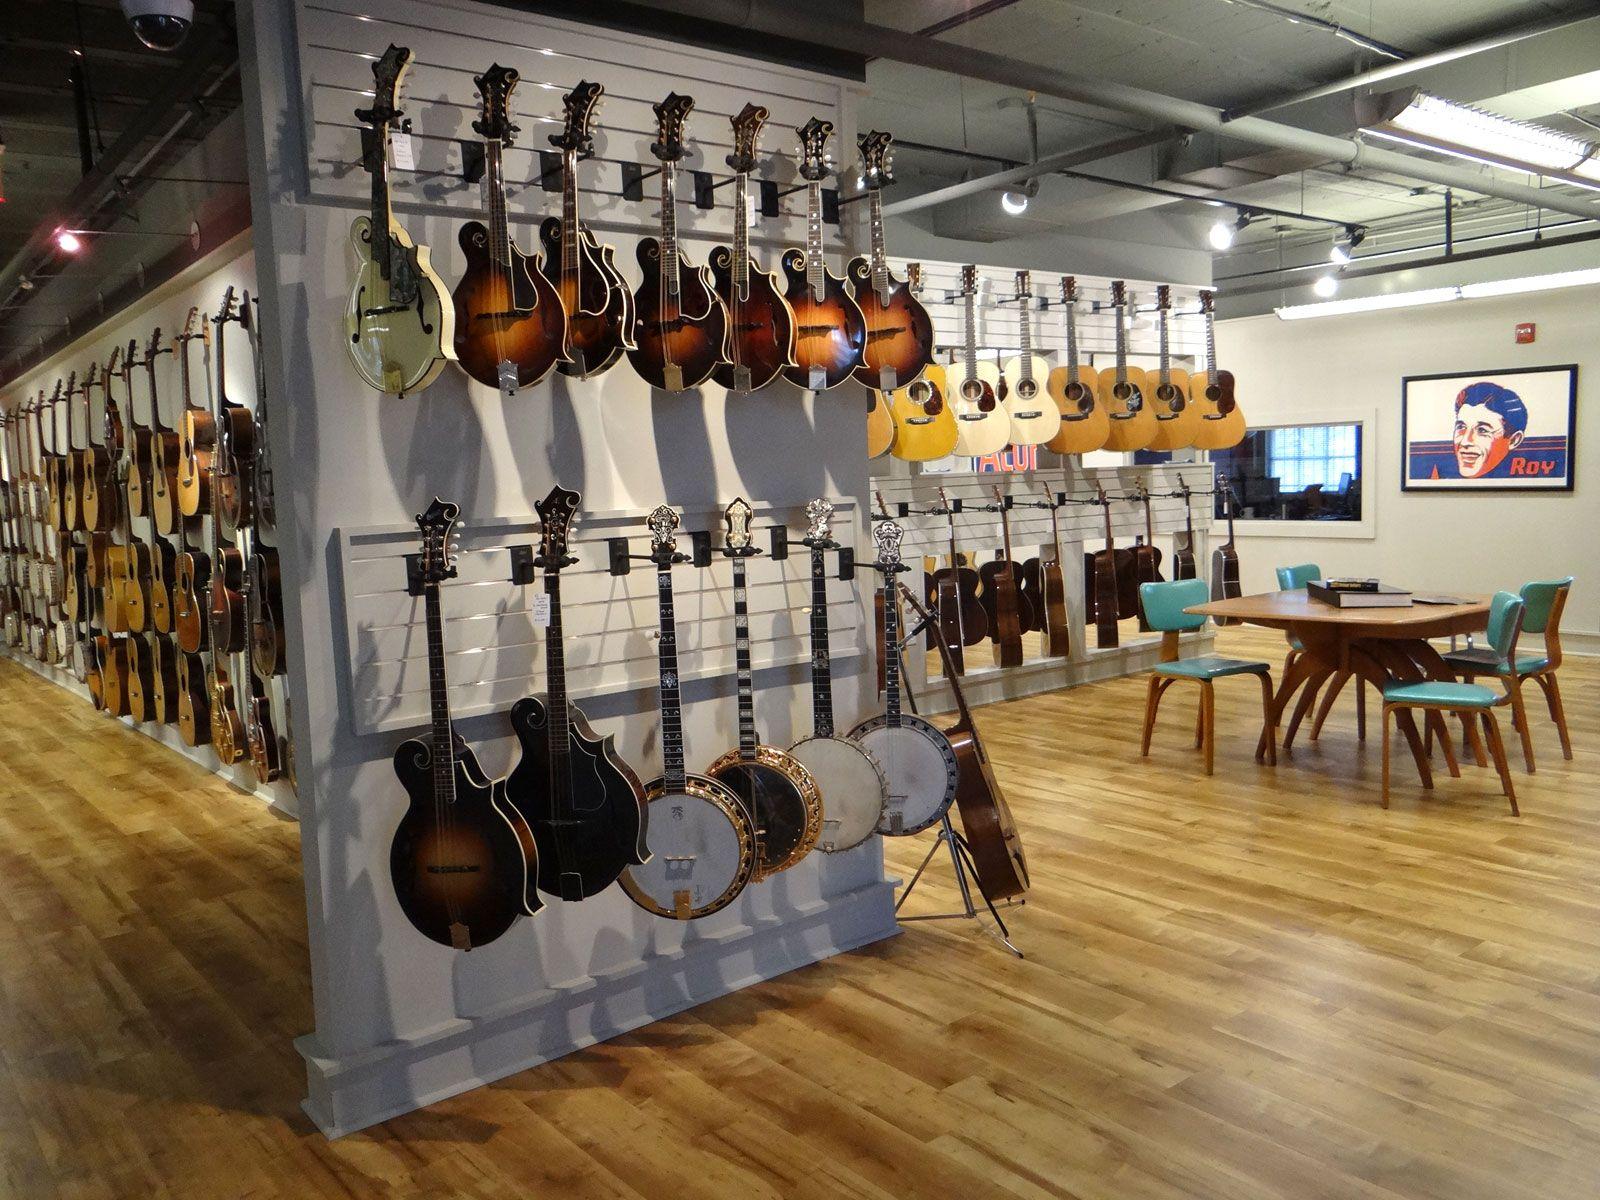 gruhn guitars nashville in 2019 guitar store violin shop guitar shop. Black Bedroom Furniture Sets. Home Design Ideas